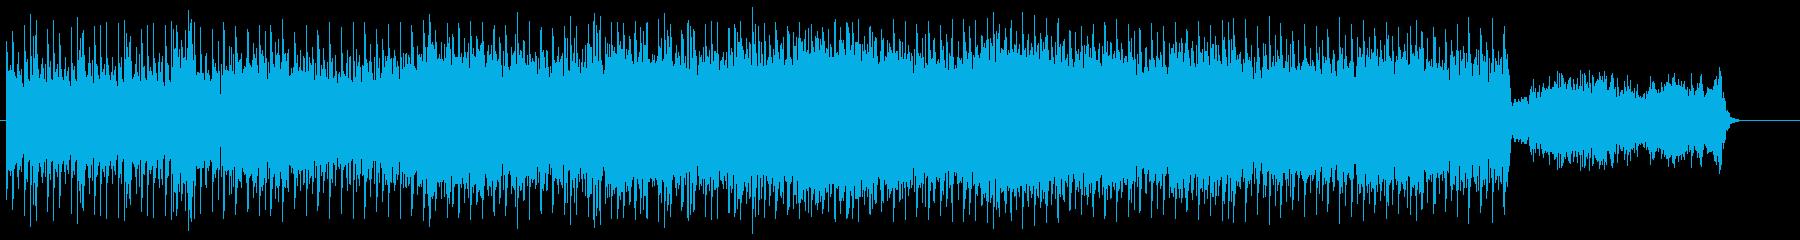 前衛的でダンサブルなテクノ/BGの再生済みの波形